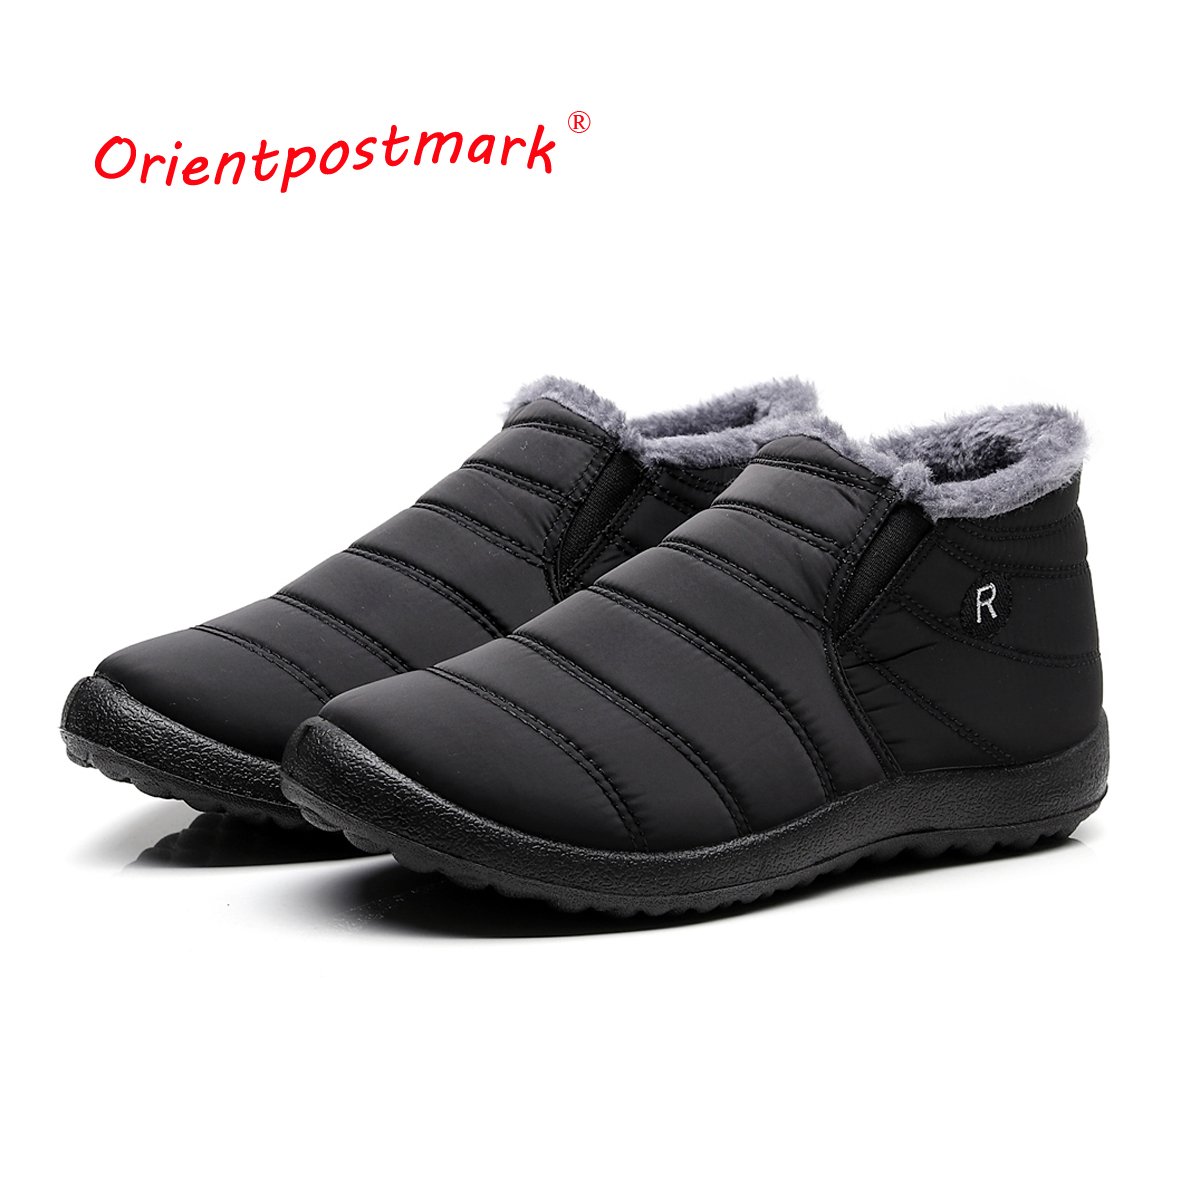 Tobillo botas de invierno botas Unisex parejas nuevo Color sólido hombres botas para la nieve de peluche dentro antideslizante Fondo calientes de esquí a prueba de agua zapatos